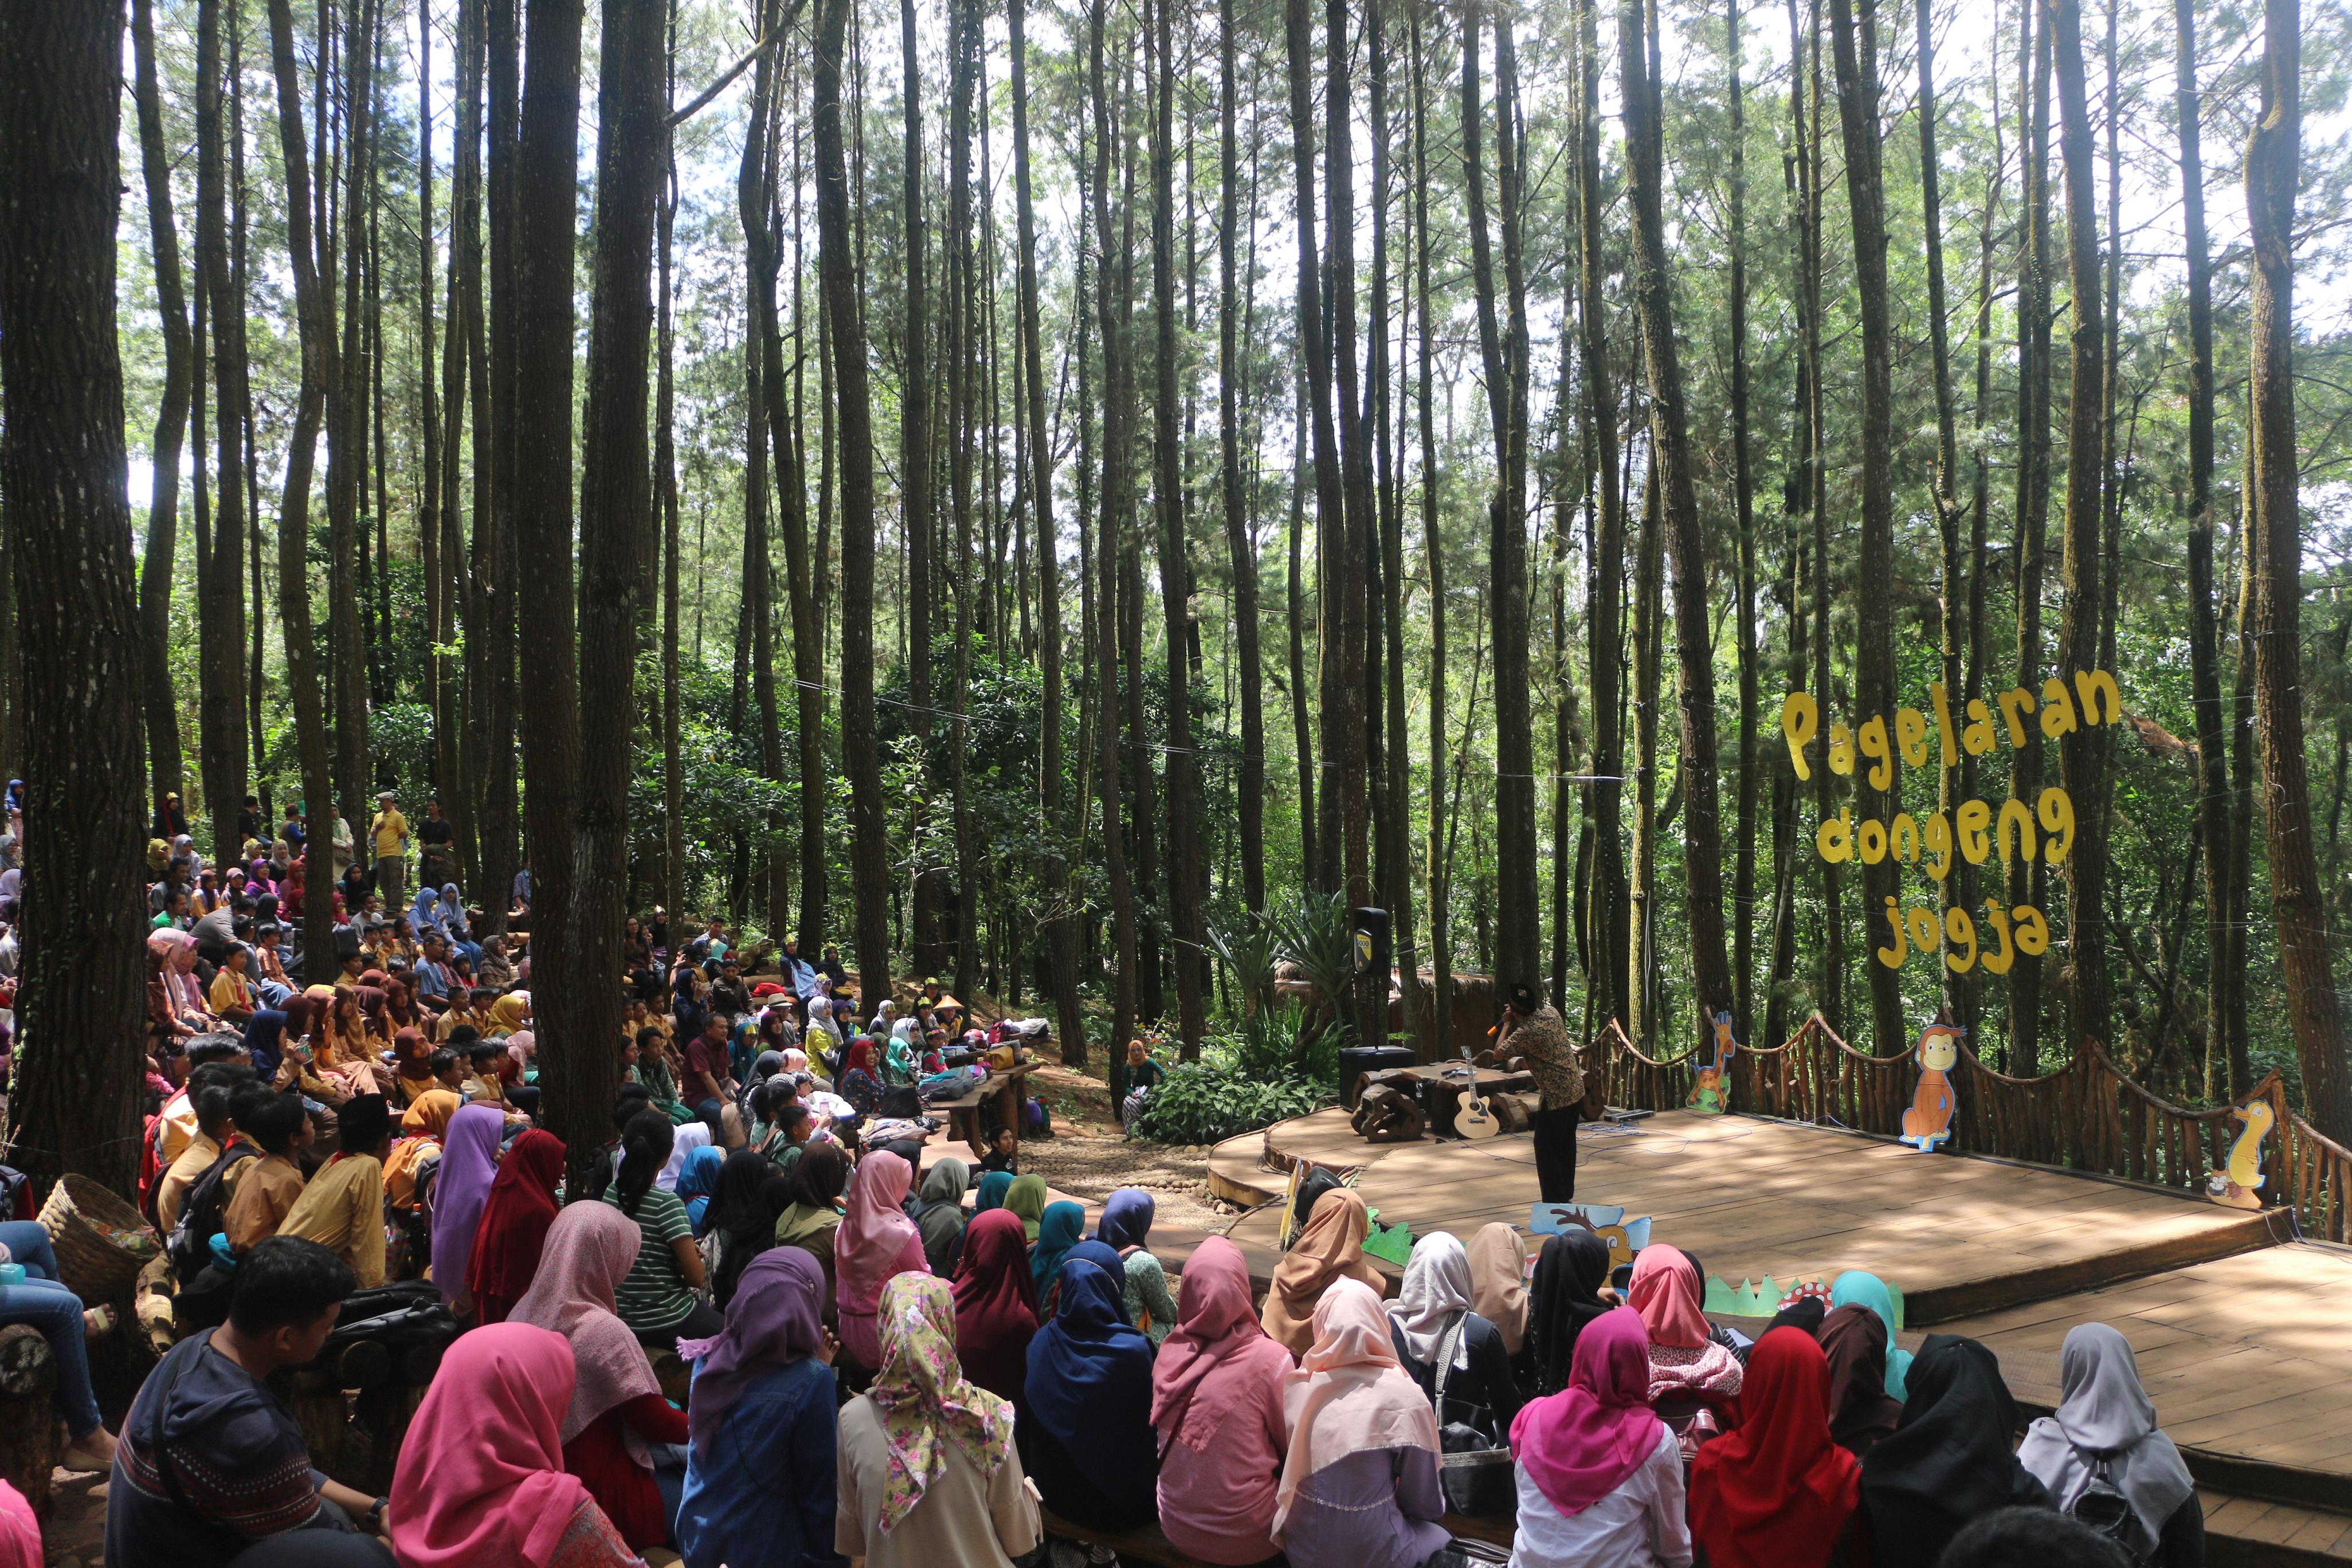 Awicarita Festival yang diadakan oleh Rumah Dongeng Mentari pada tahun 2016 di Hutan Pinus Mangunan, Yogyakarta.